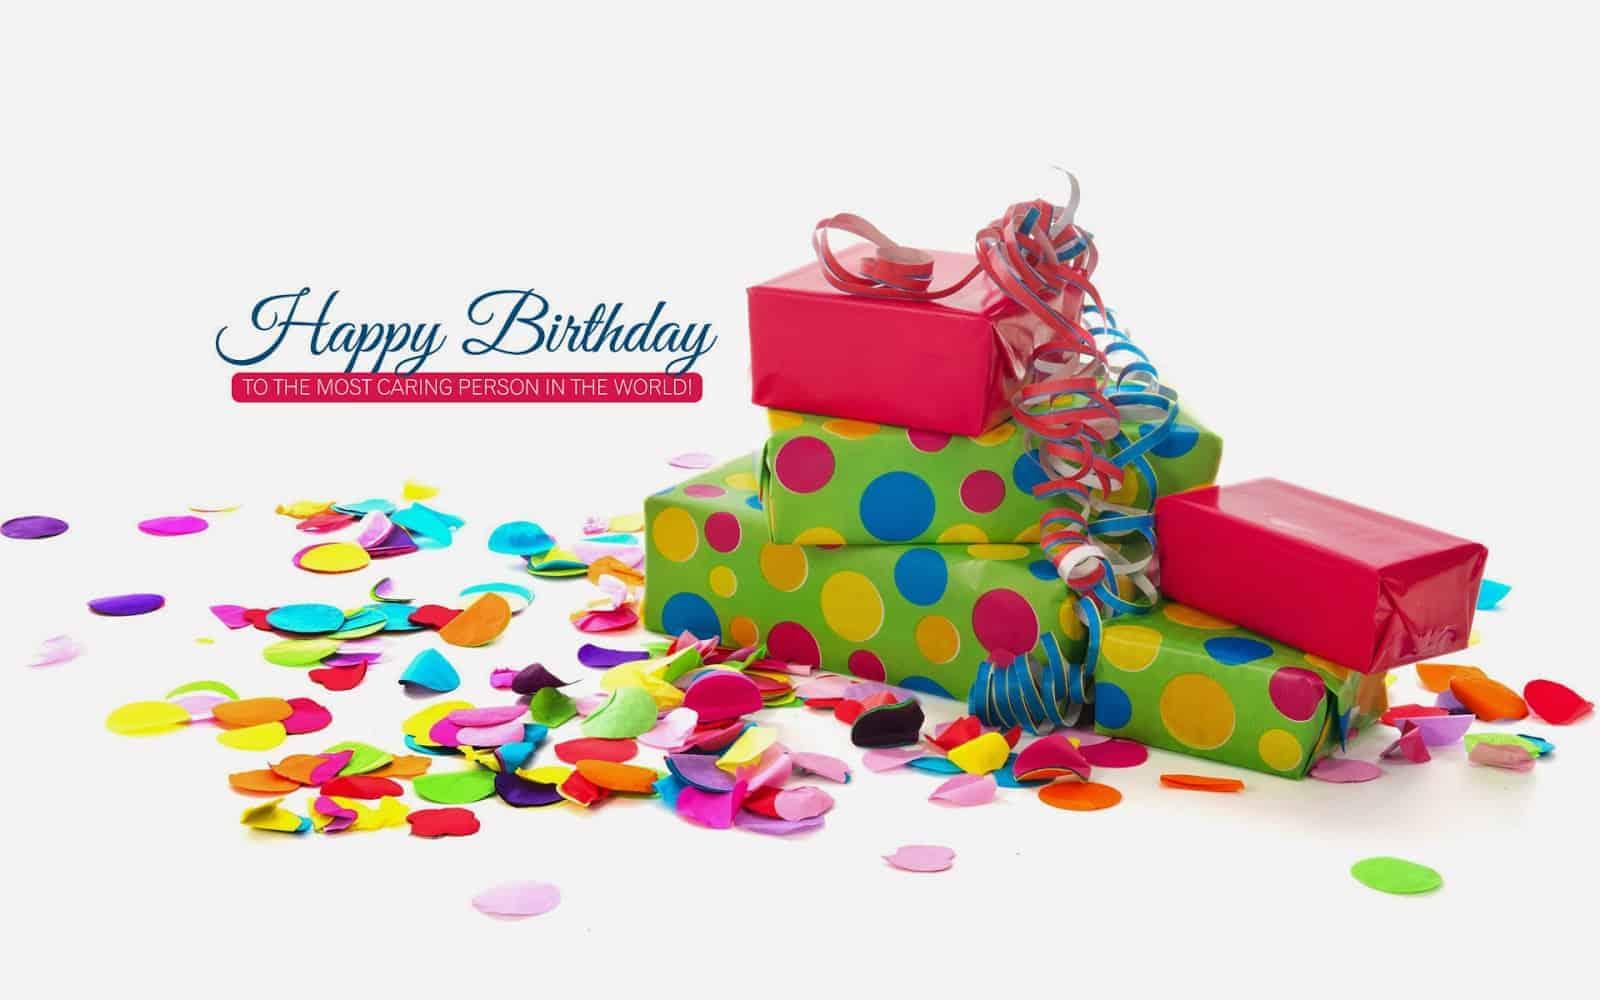 Cute Happy Birthday Cards!